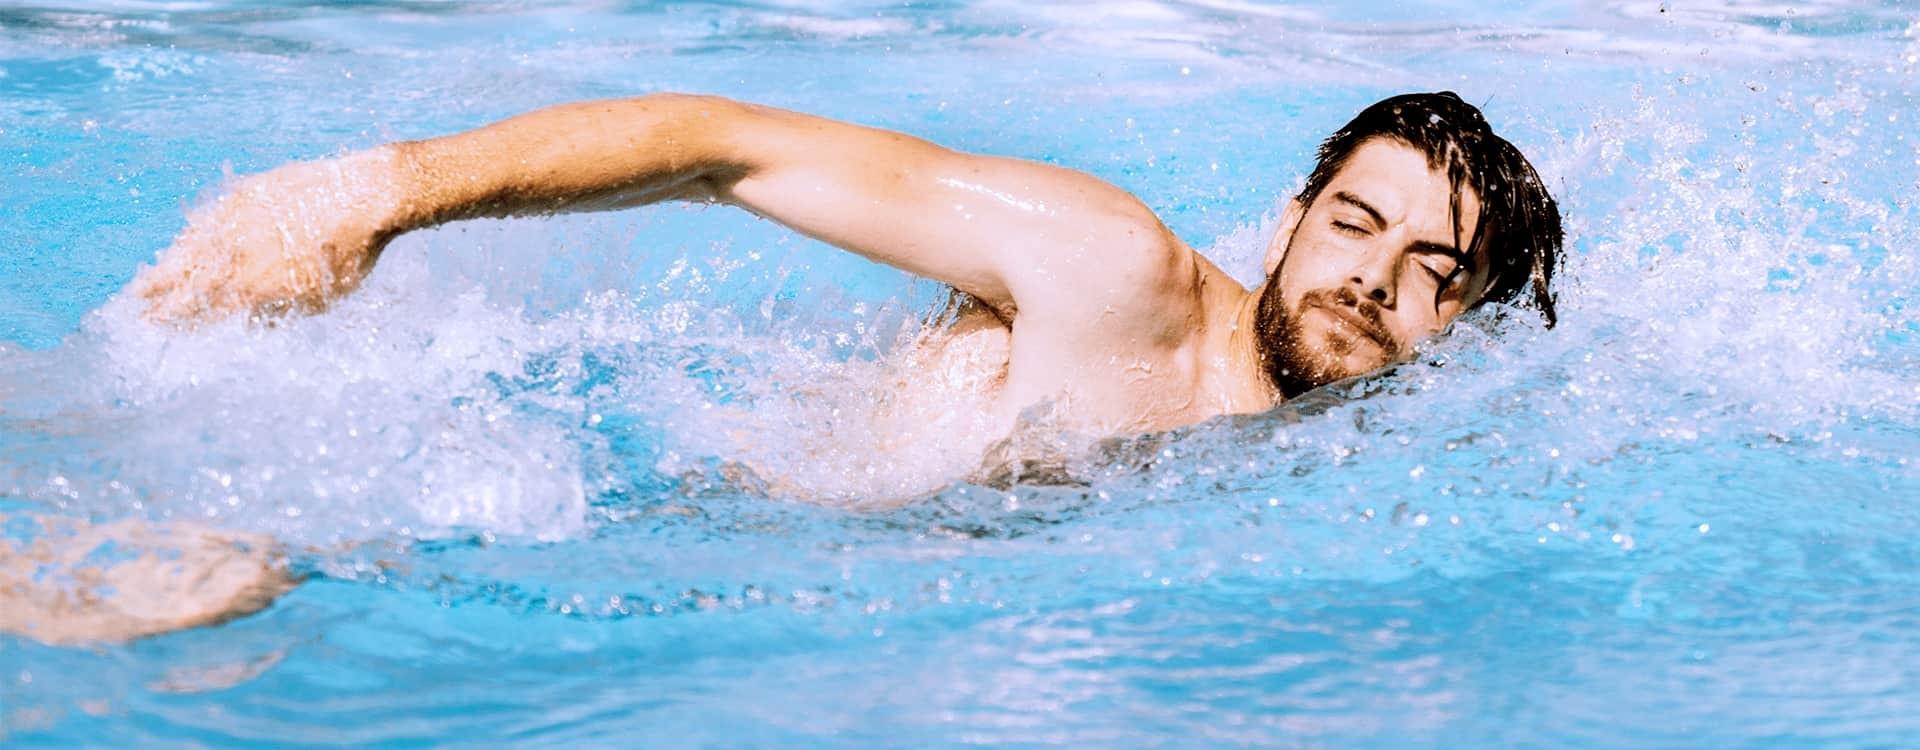 La natación y sus beneficios en la salud